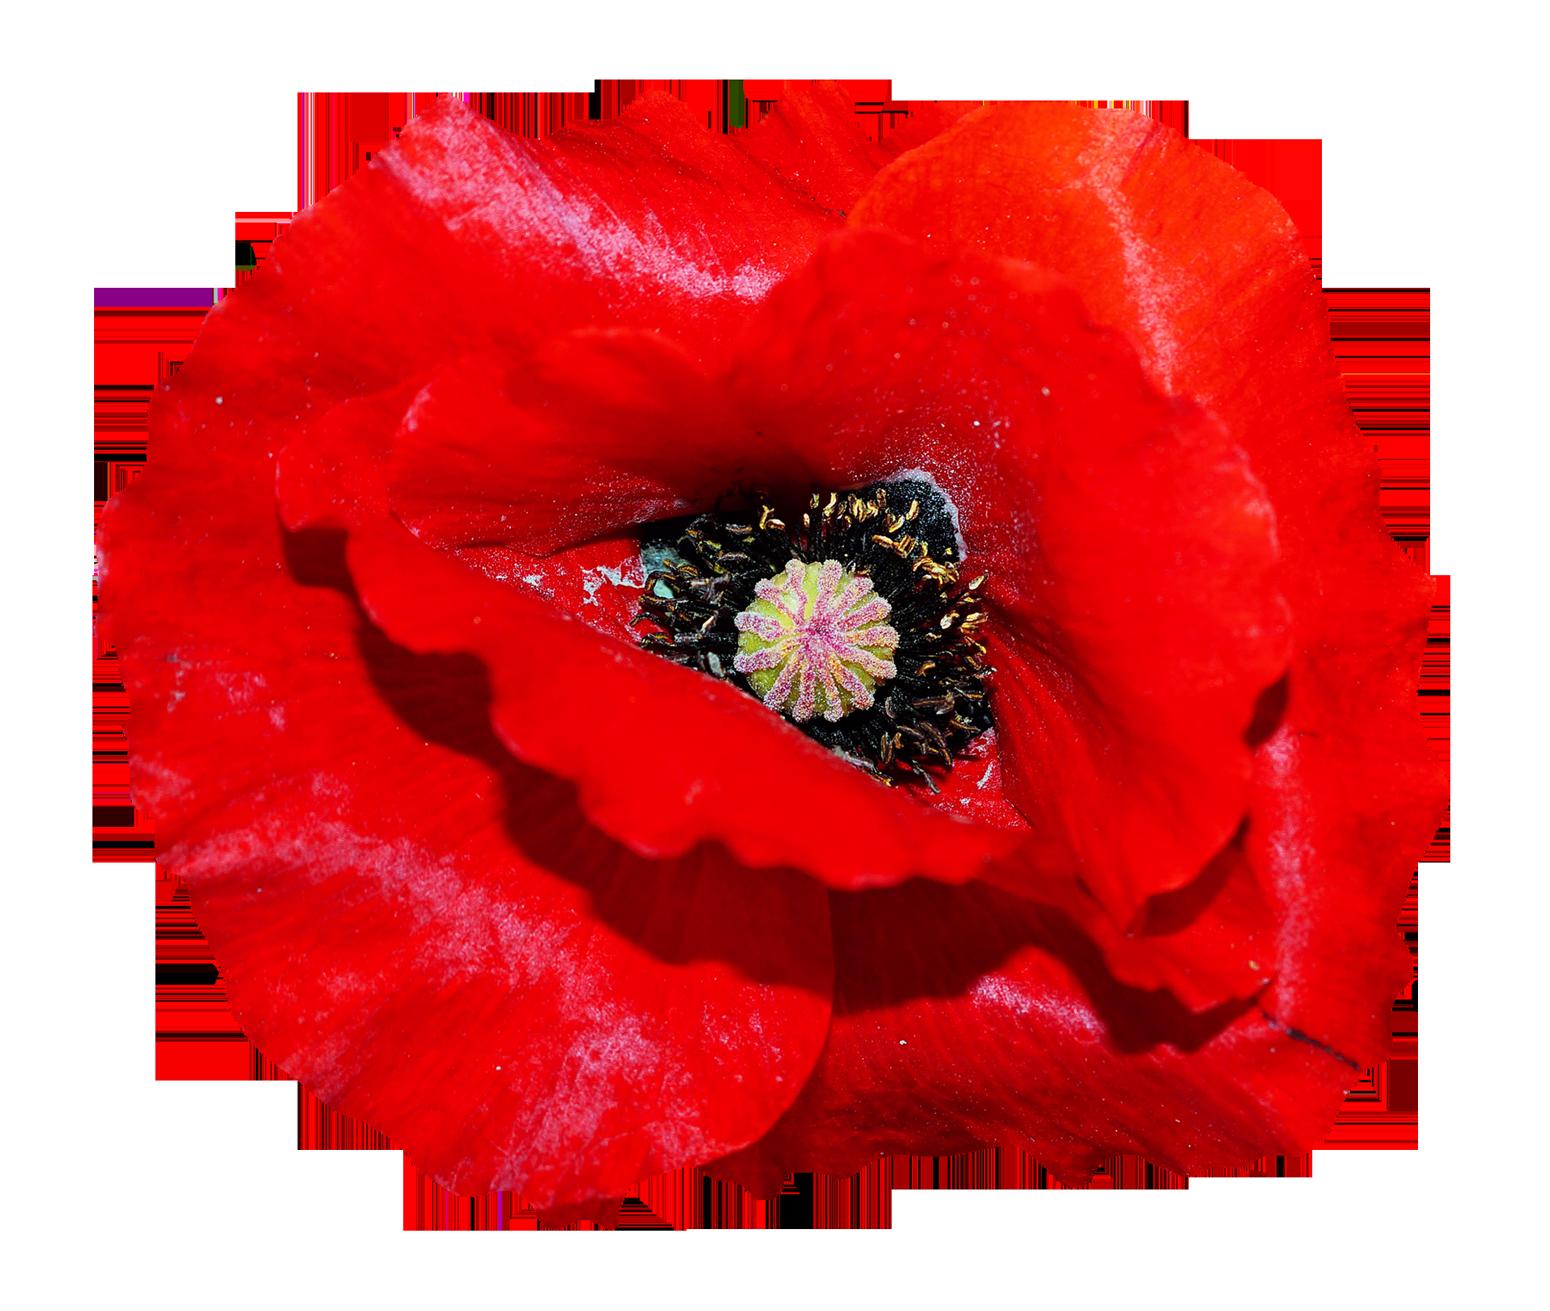 Poppy Flower Png Image Poppy Flower Flower Png Images Poppies